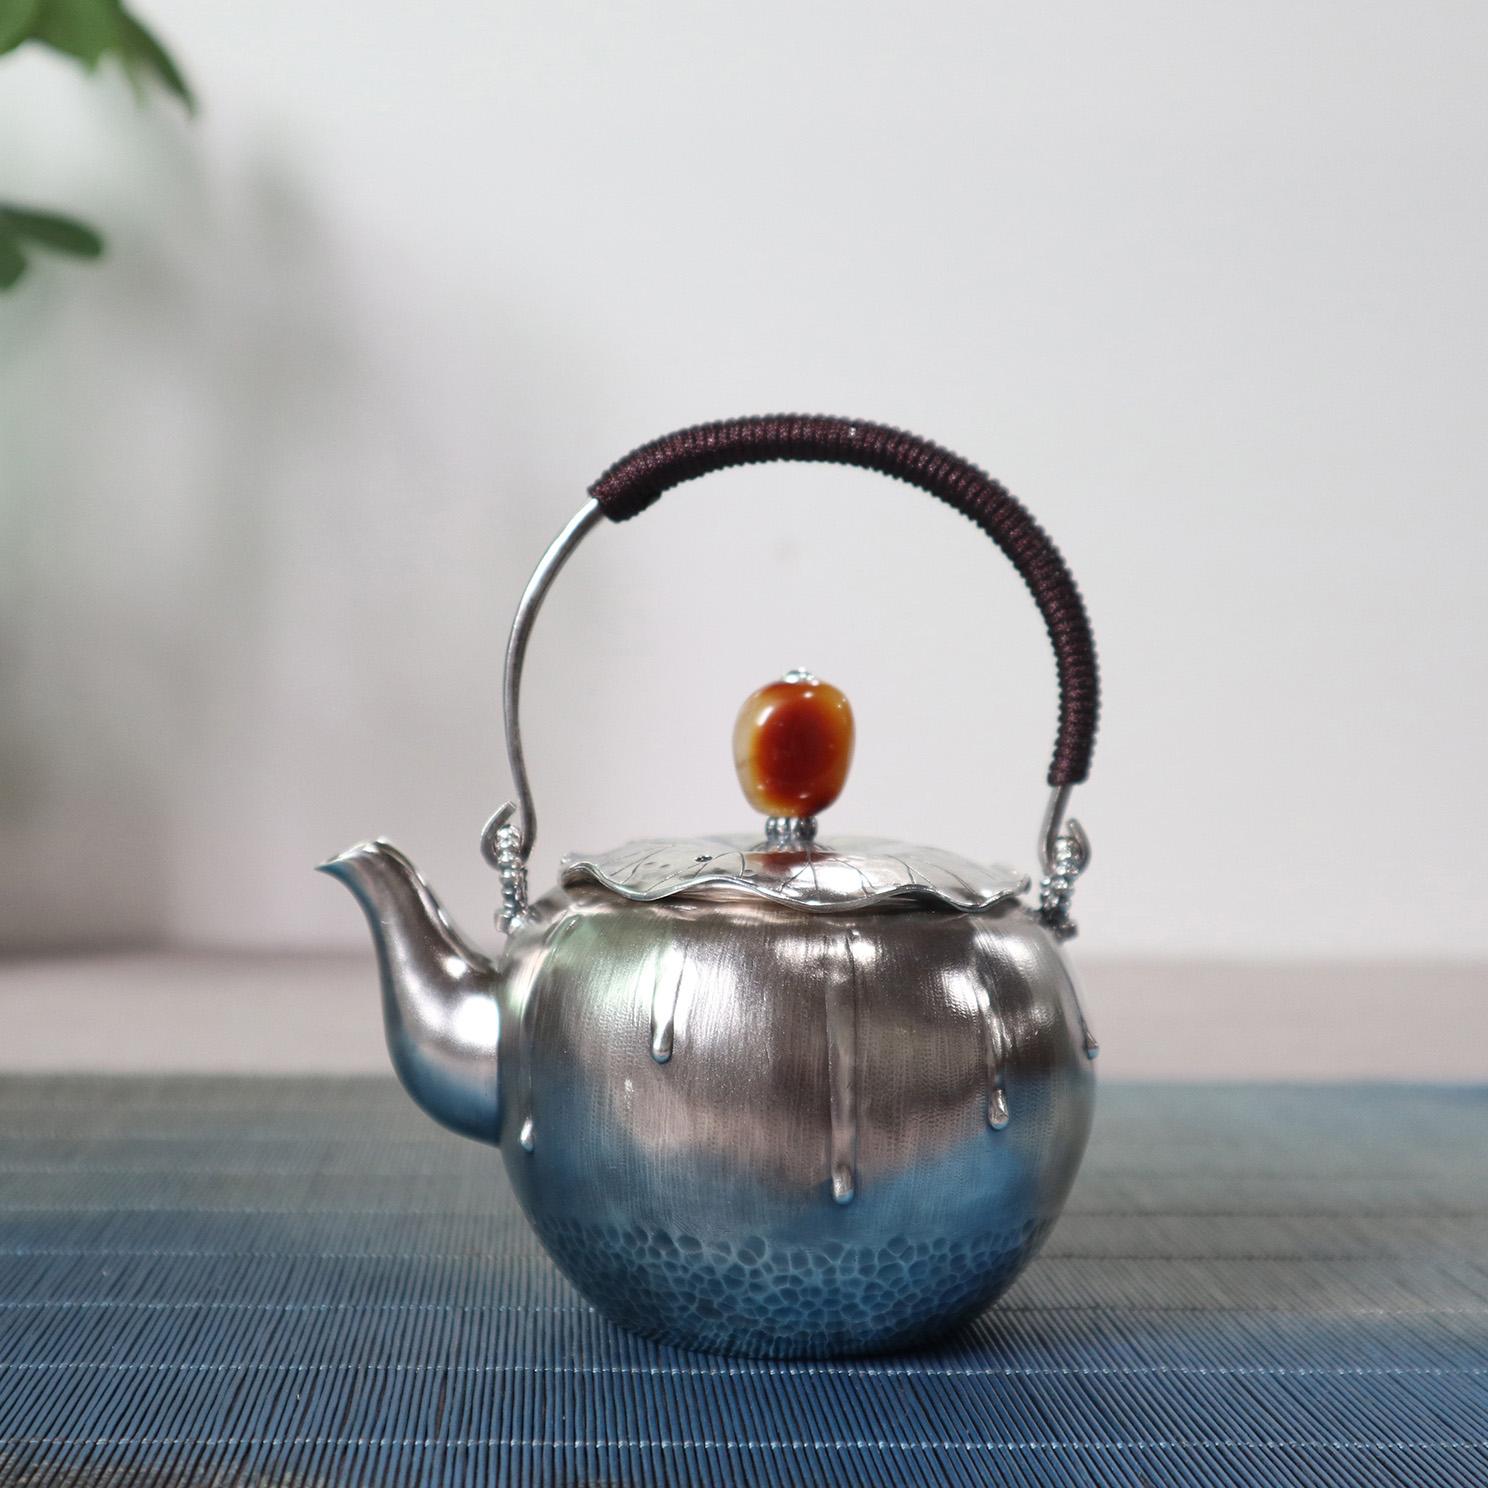 【溢满】S999纯银手工 茶壶